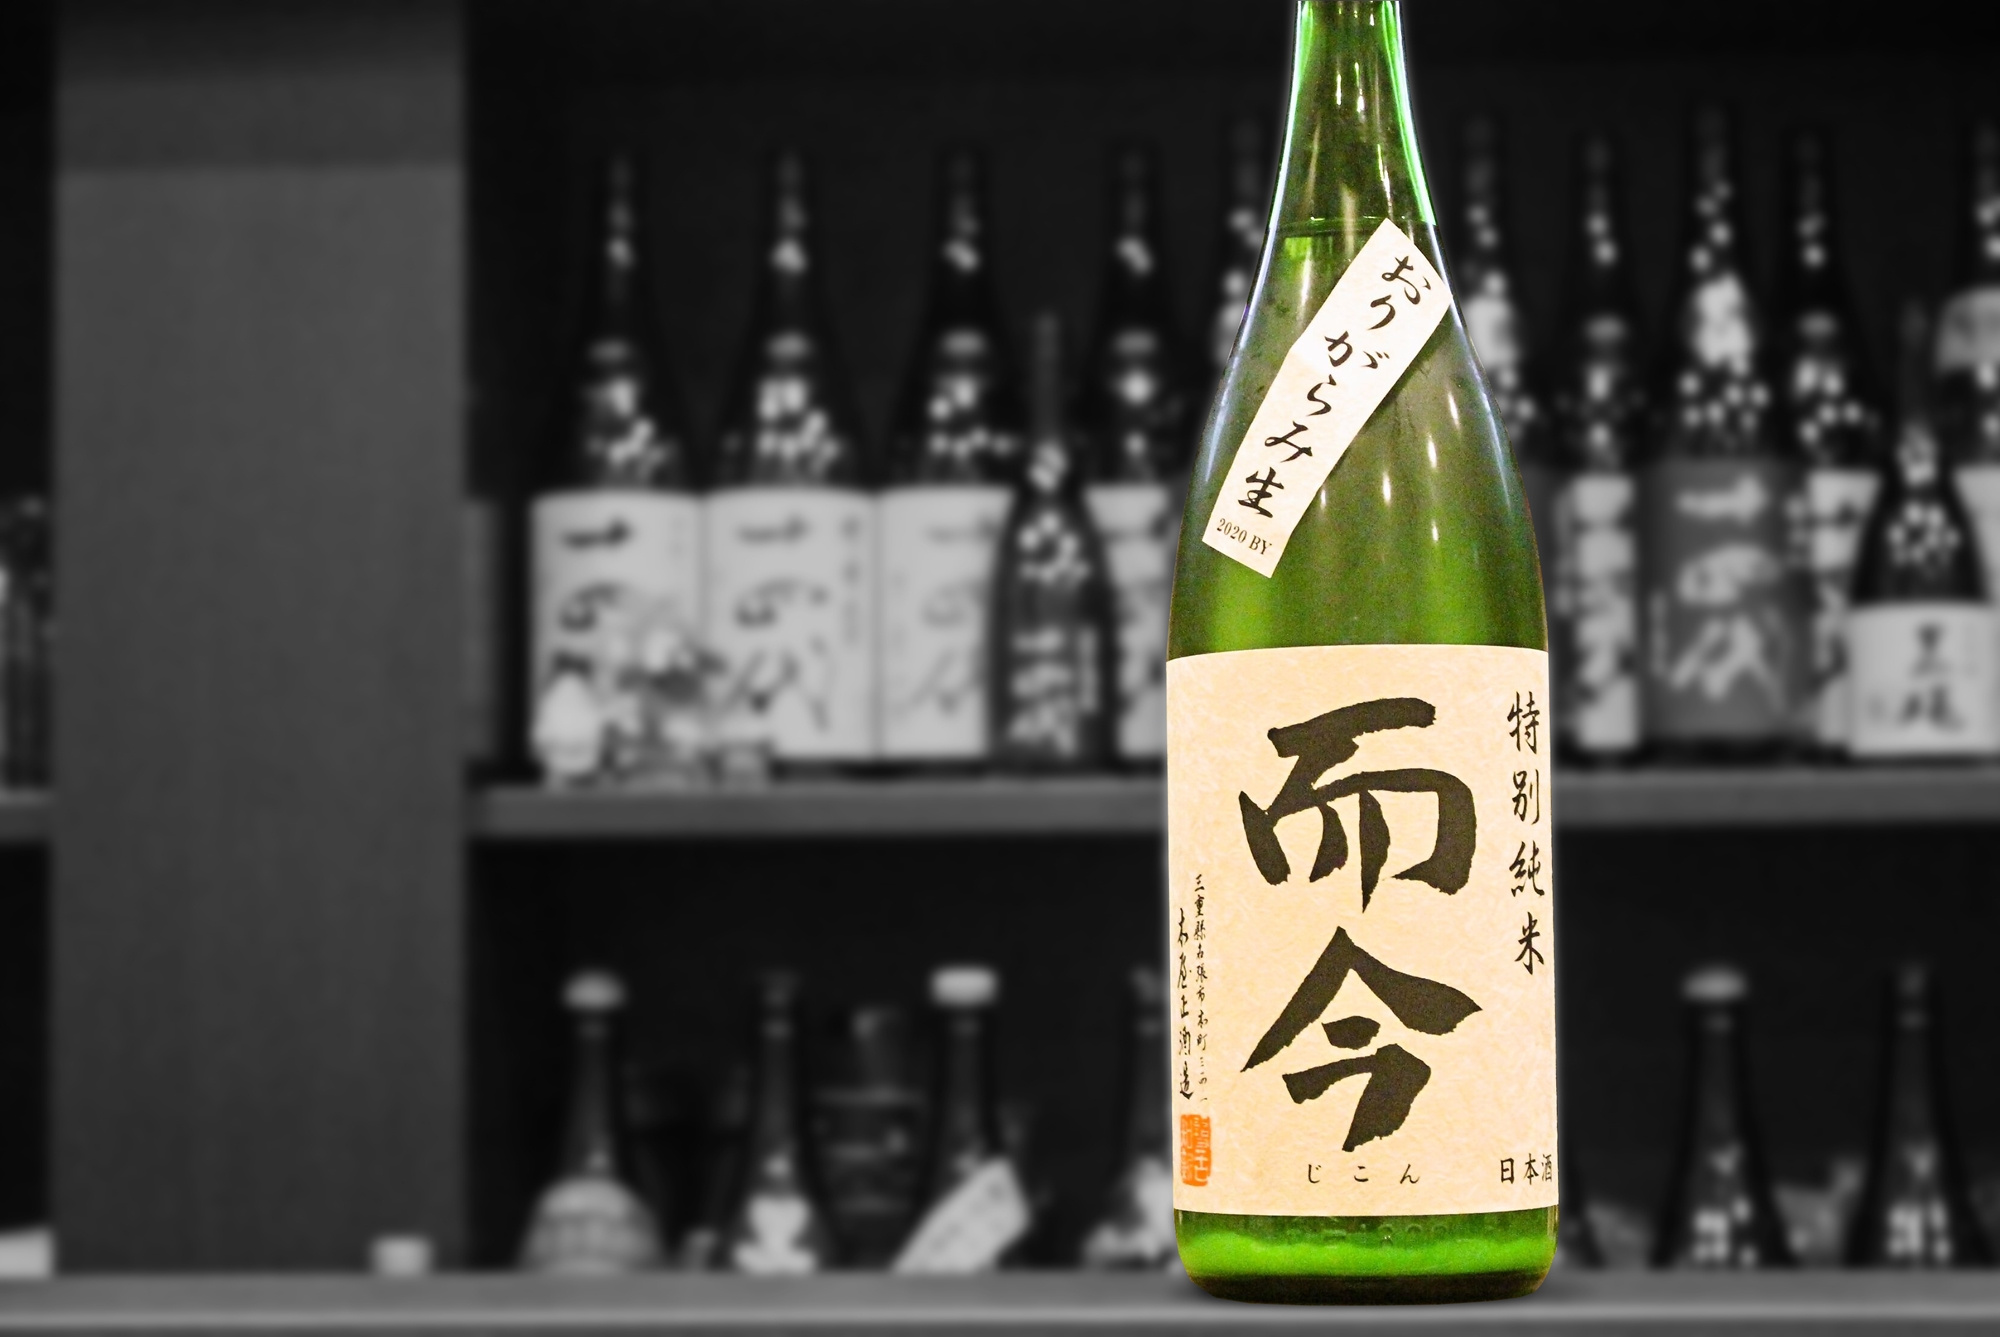 而今特別純米おりがらみ原酒202012-001